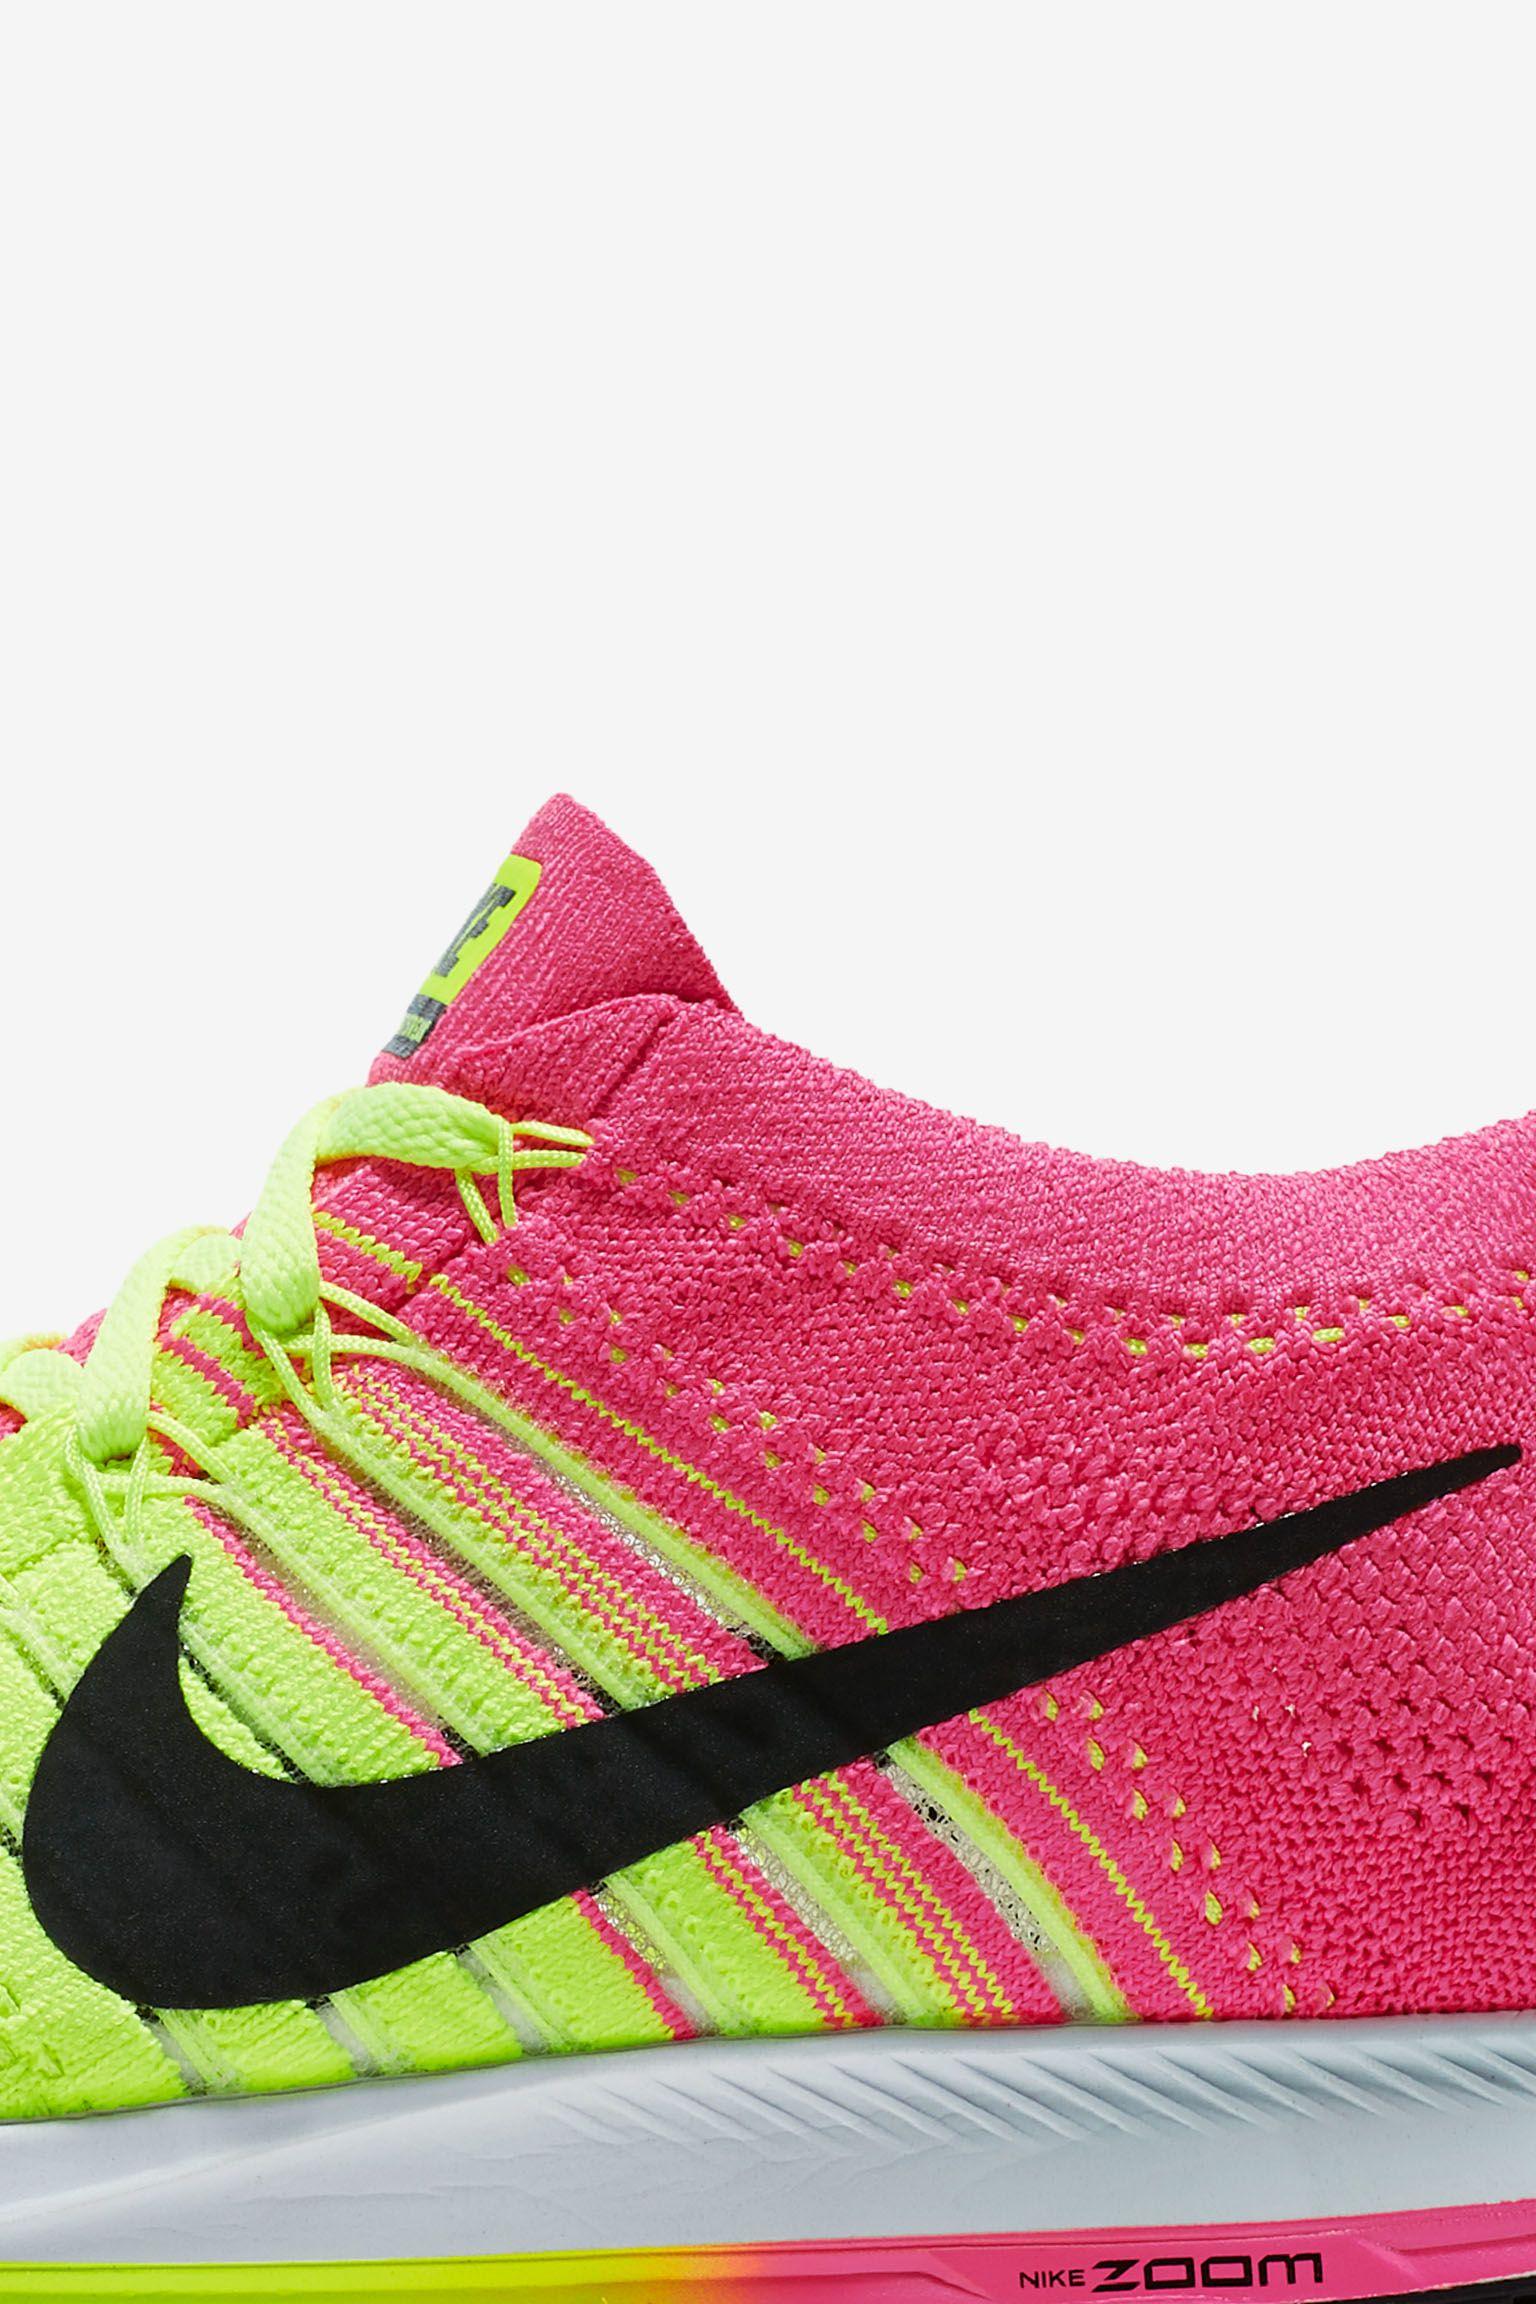 Nike Zoom Flyknit Streak 6 'ULTD'